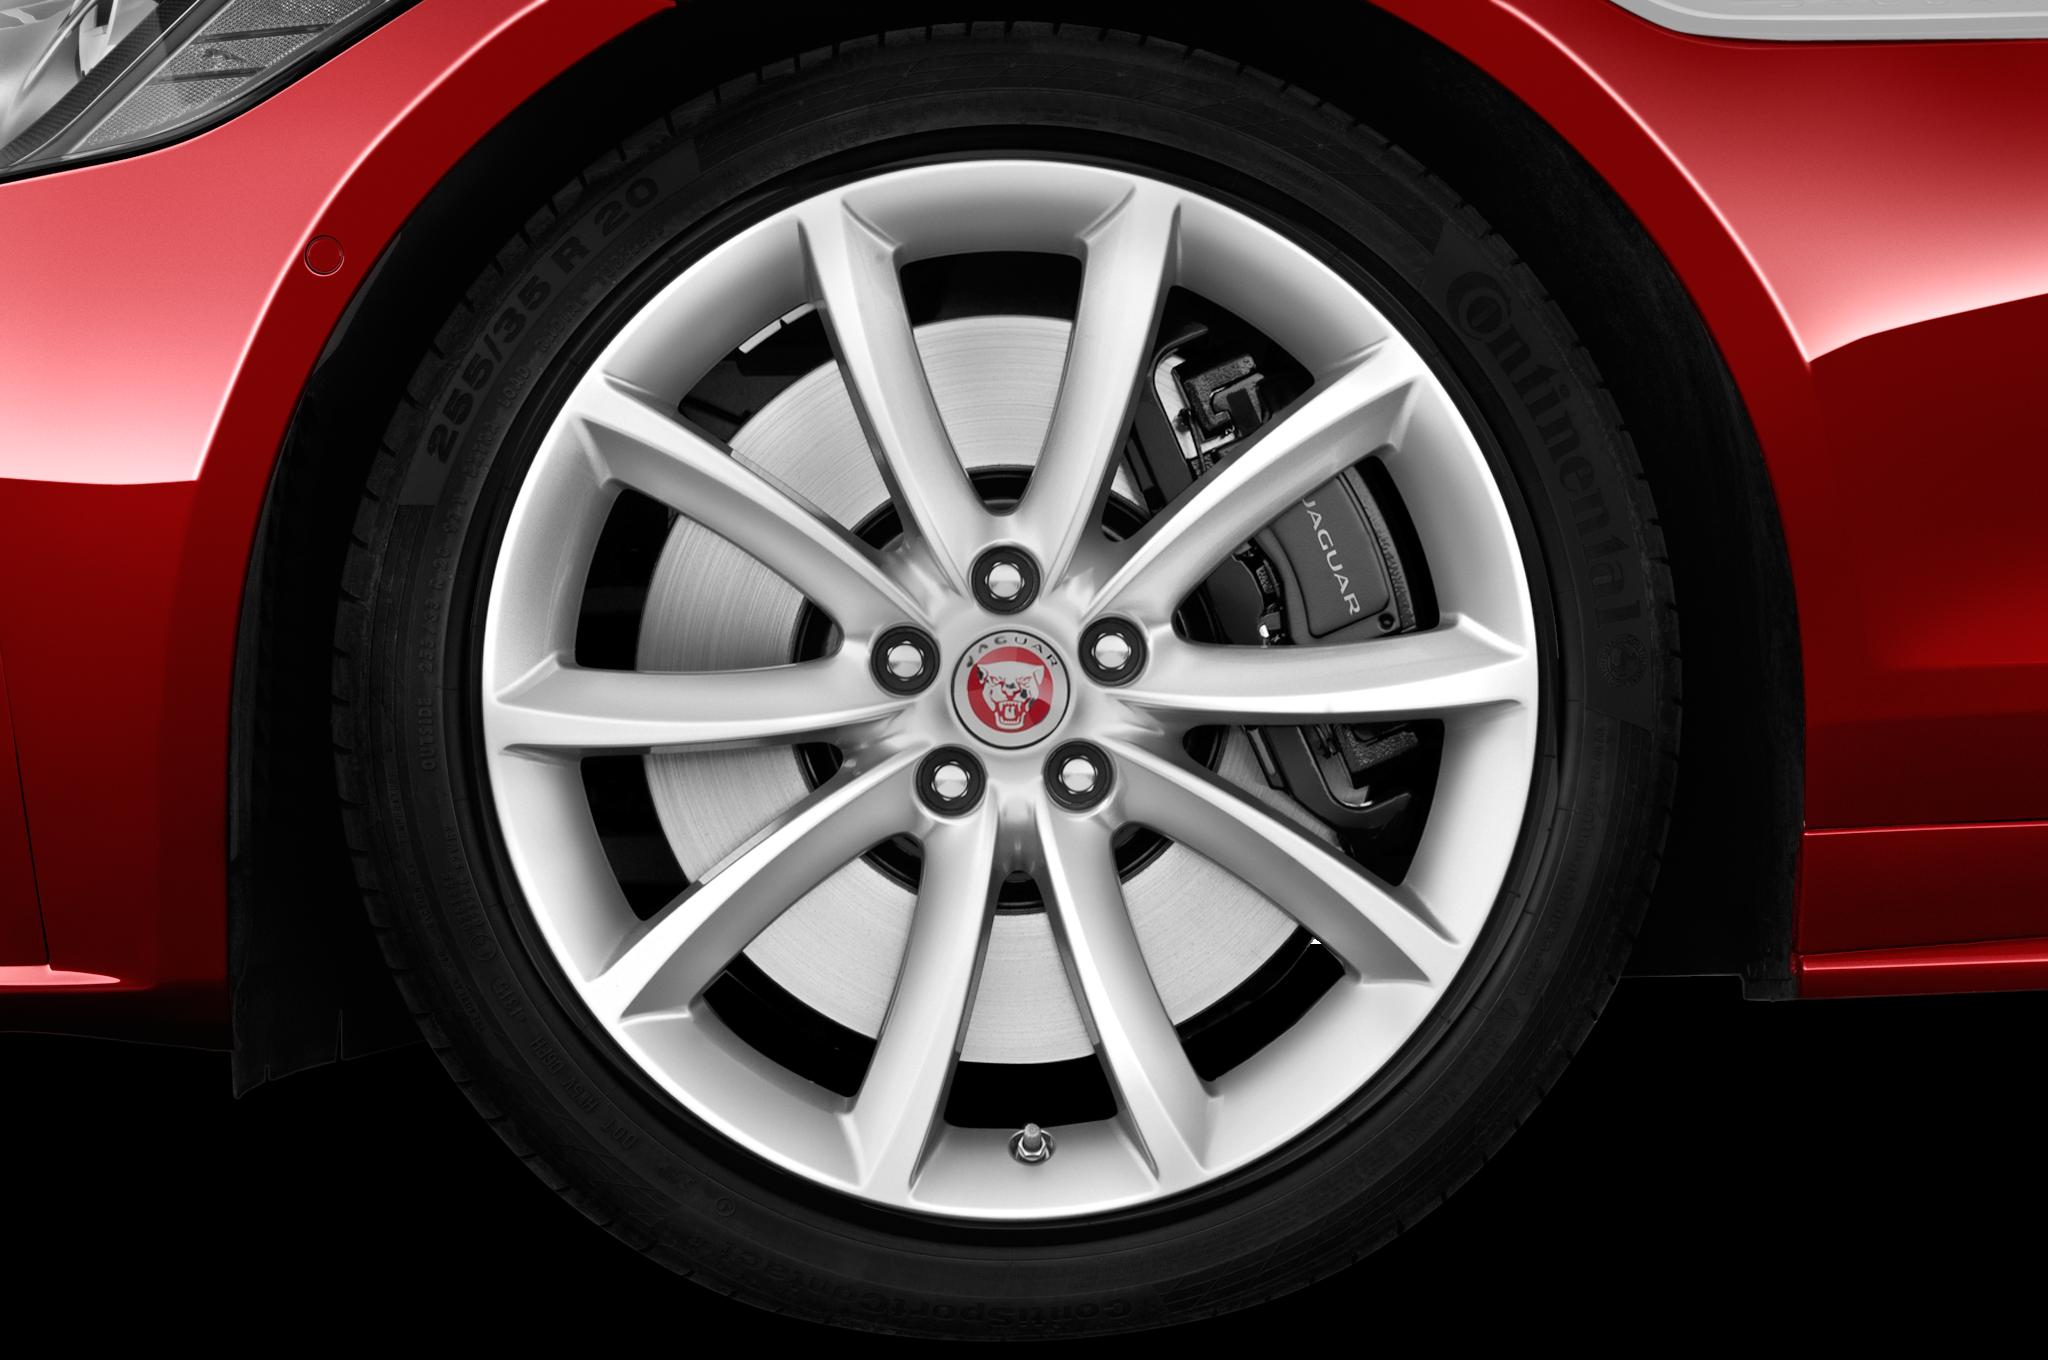 xf wheels file wheel commons libra wikimedia alloy wiki jaguar